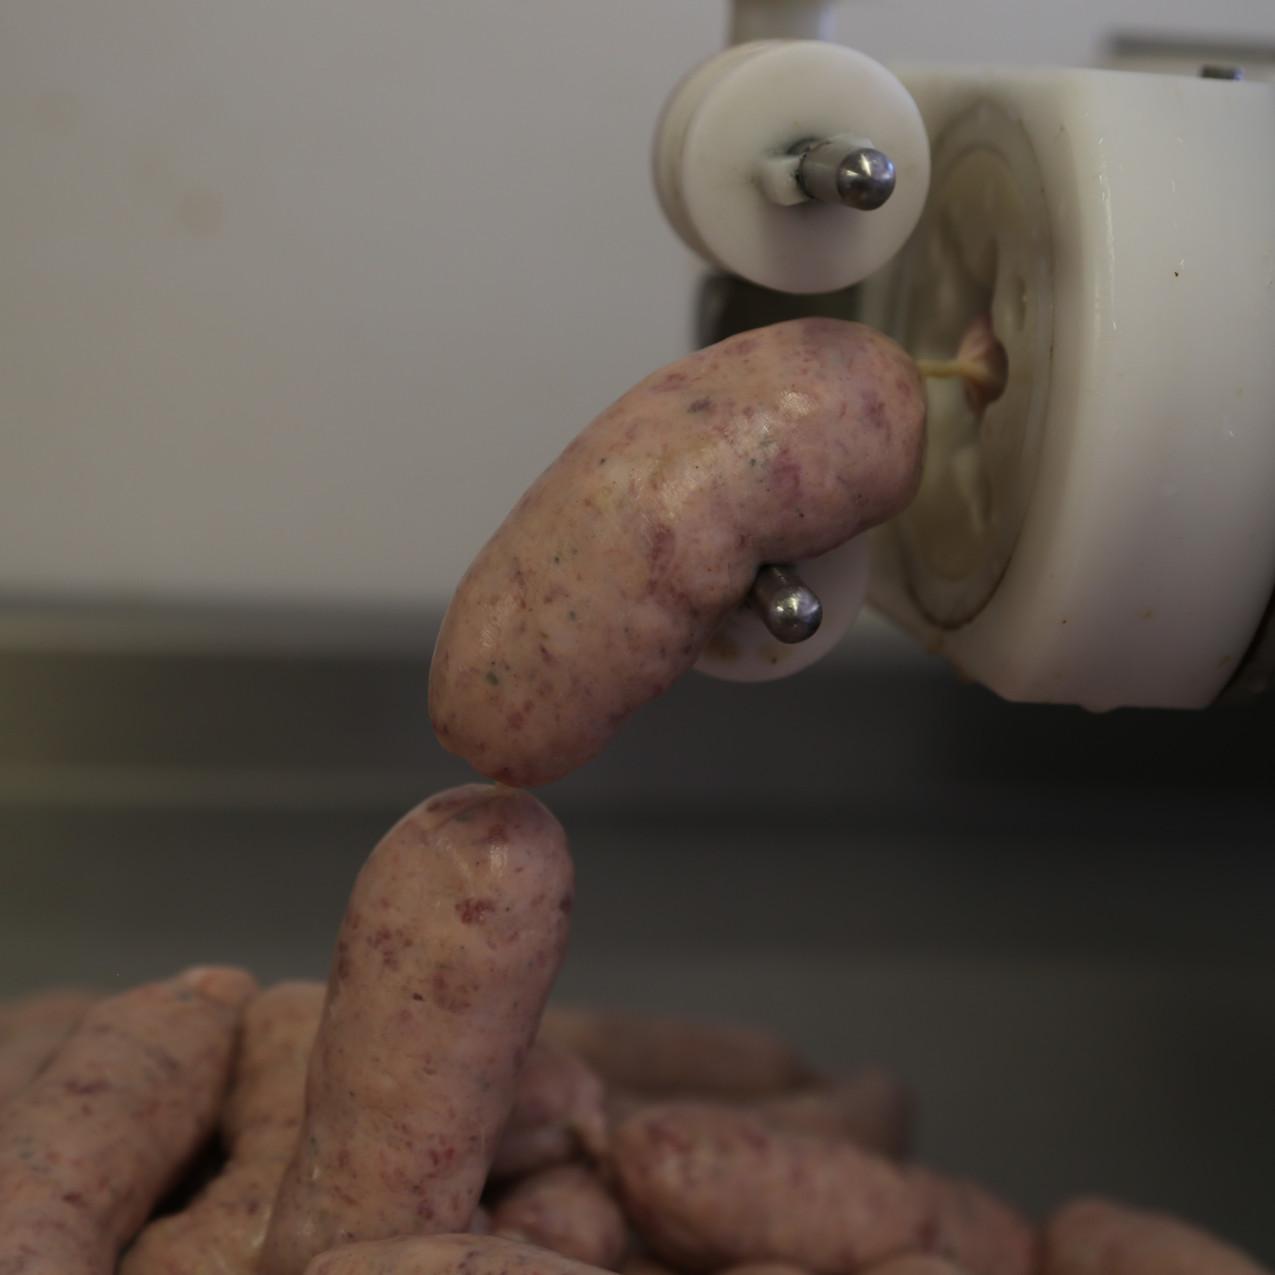 Making sausages 6